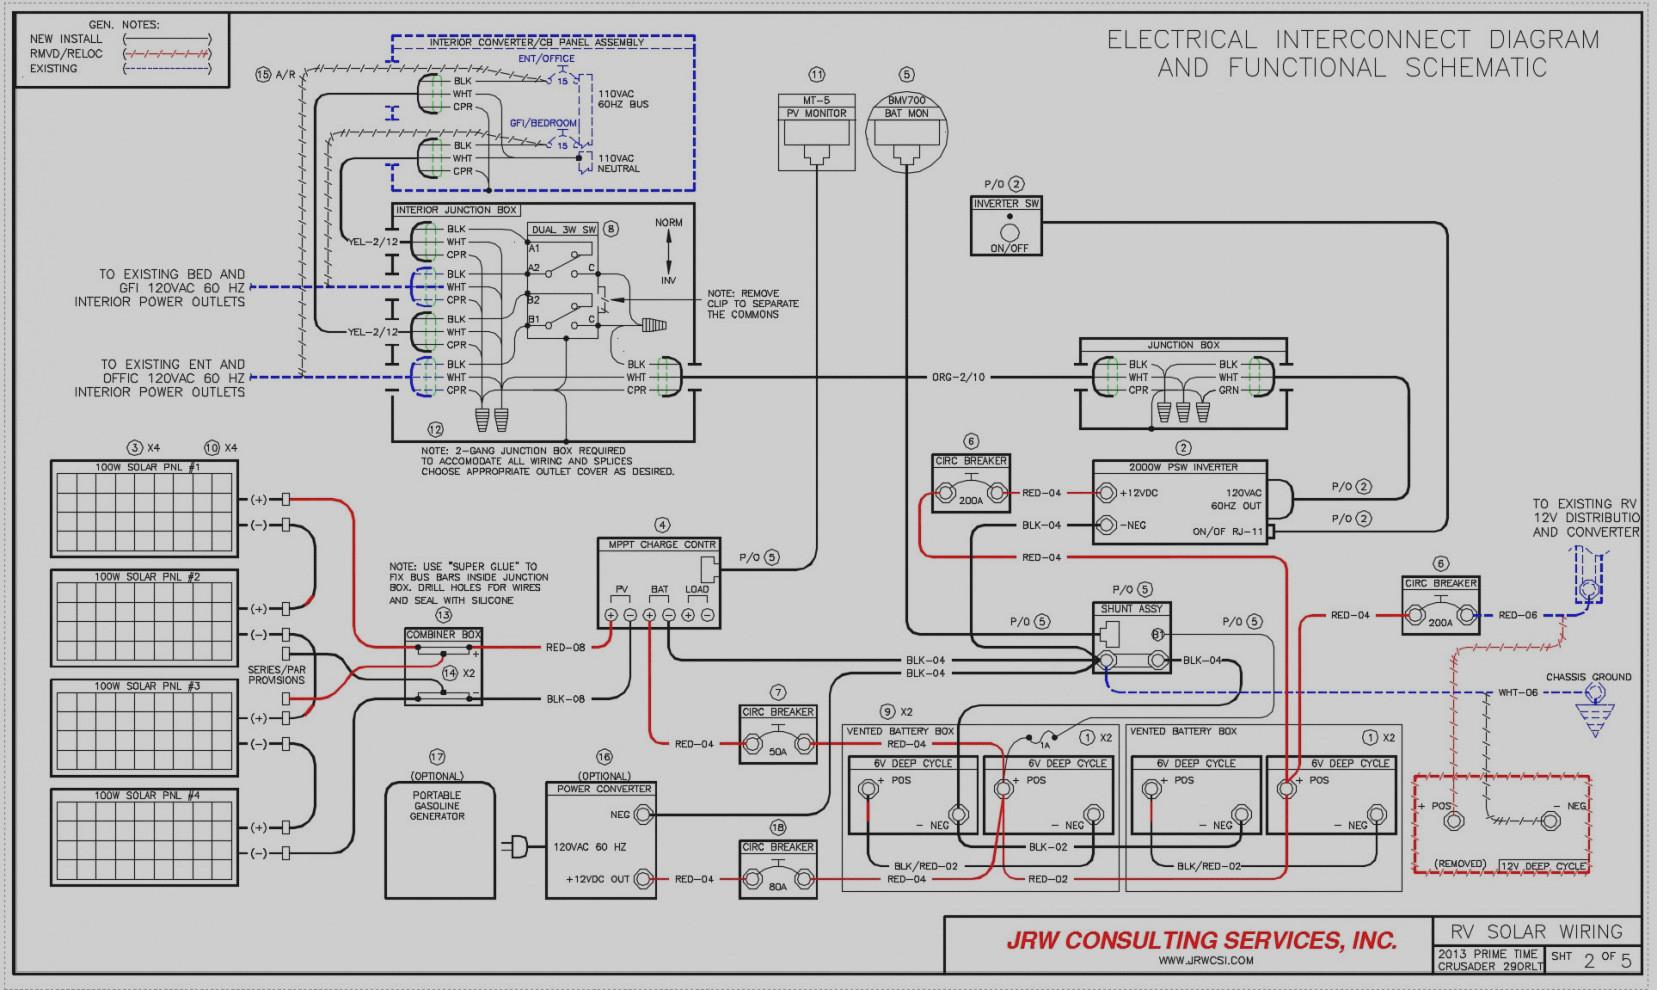 furnace wiring diagram Download-Furnace Wiring Diagram Unique Best Wiring Diagram Od Rv Park Electrical Fresh Wiring Diagrams Furnace 1-s